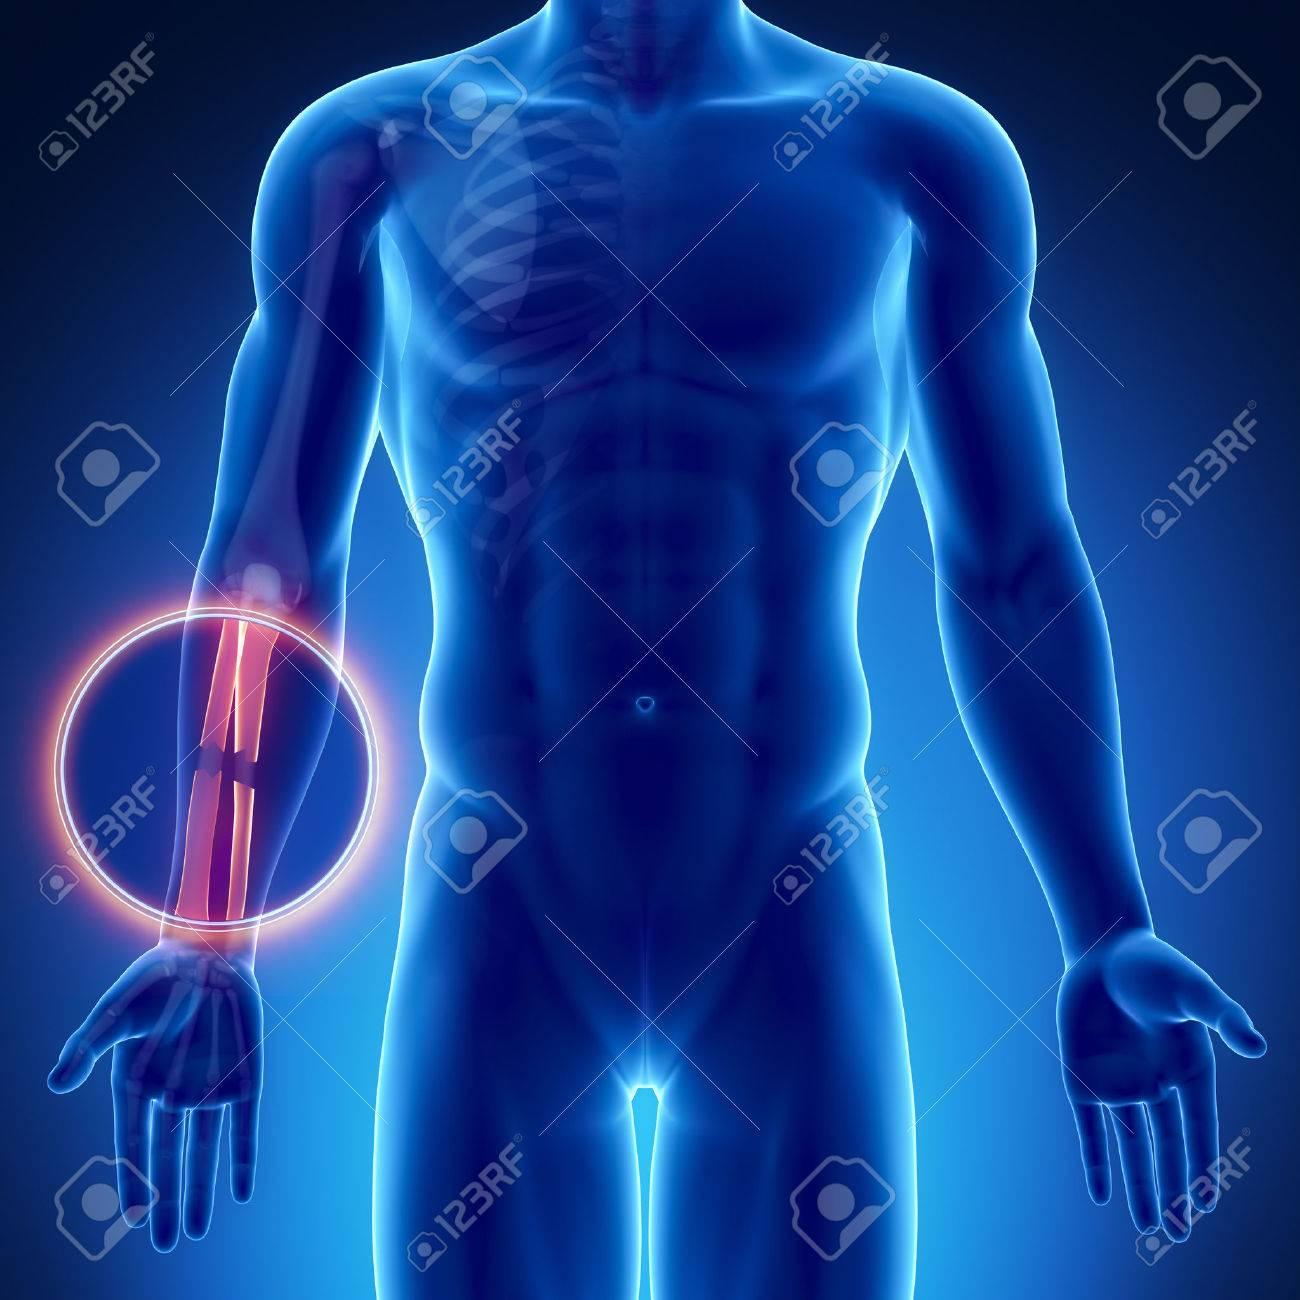 Hueso Hombre Radio Anatomía Cúbito Roto Fotos, Retratos, Imágenes Y ...